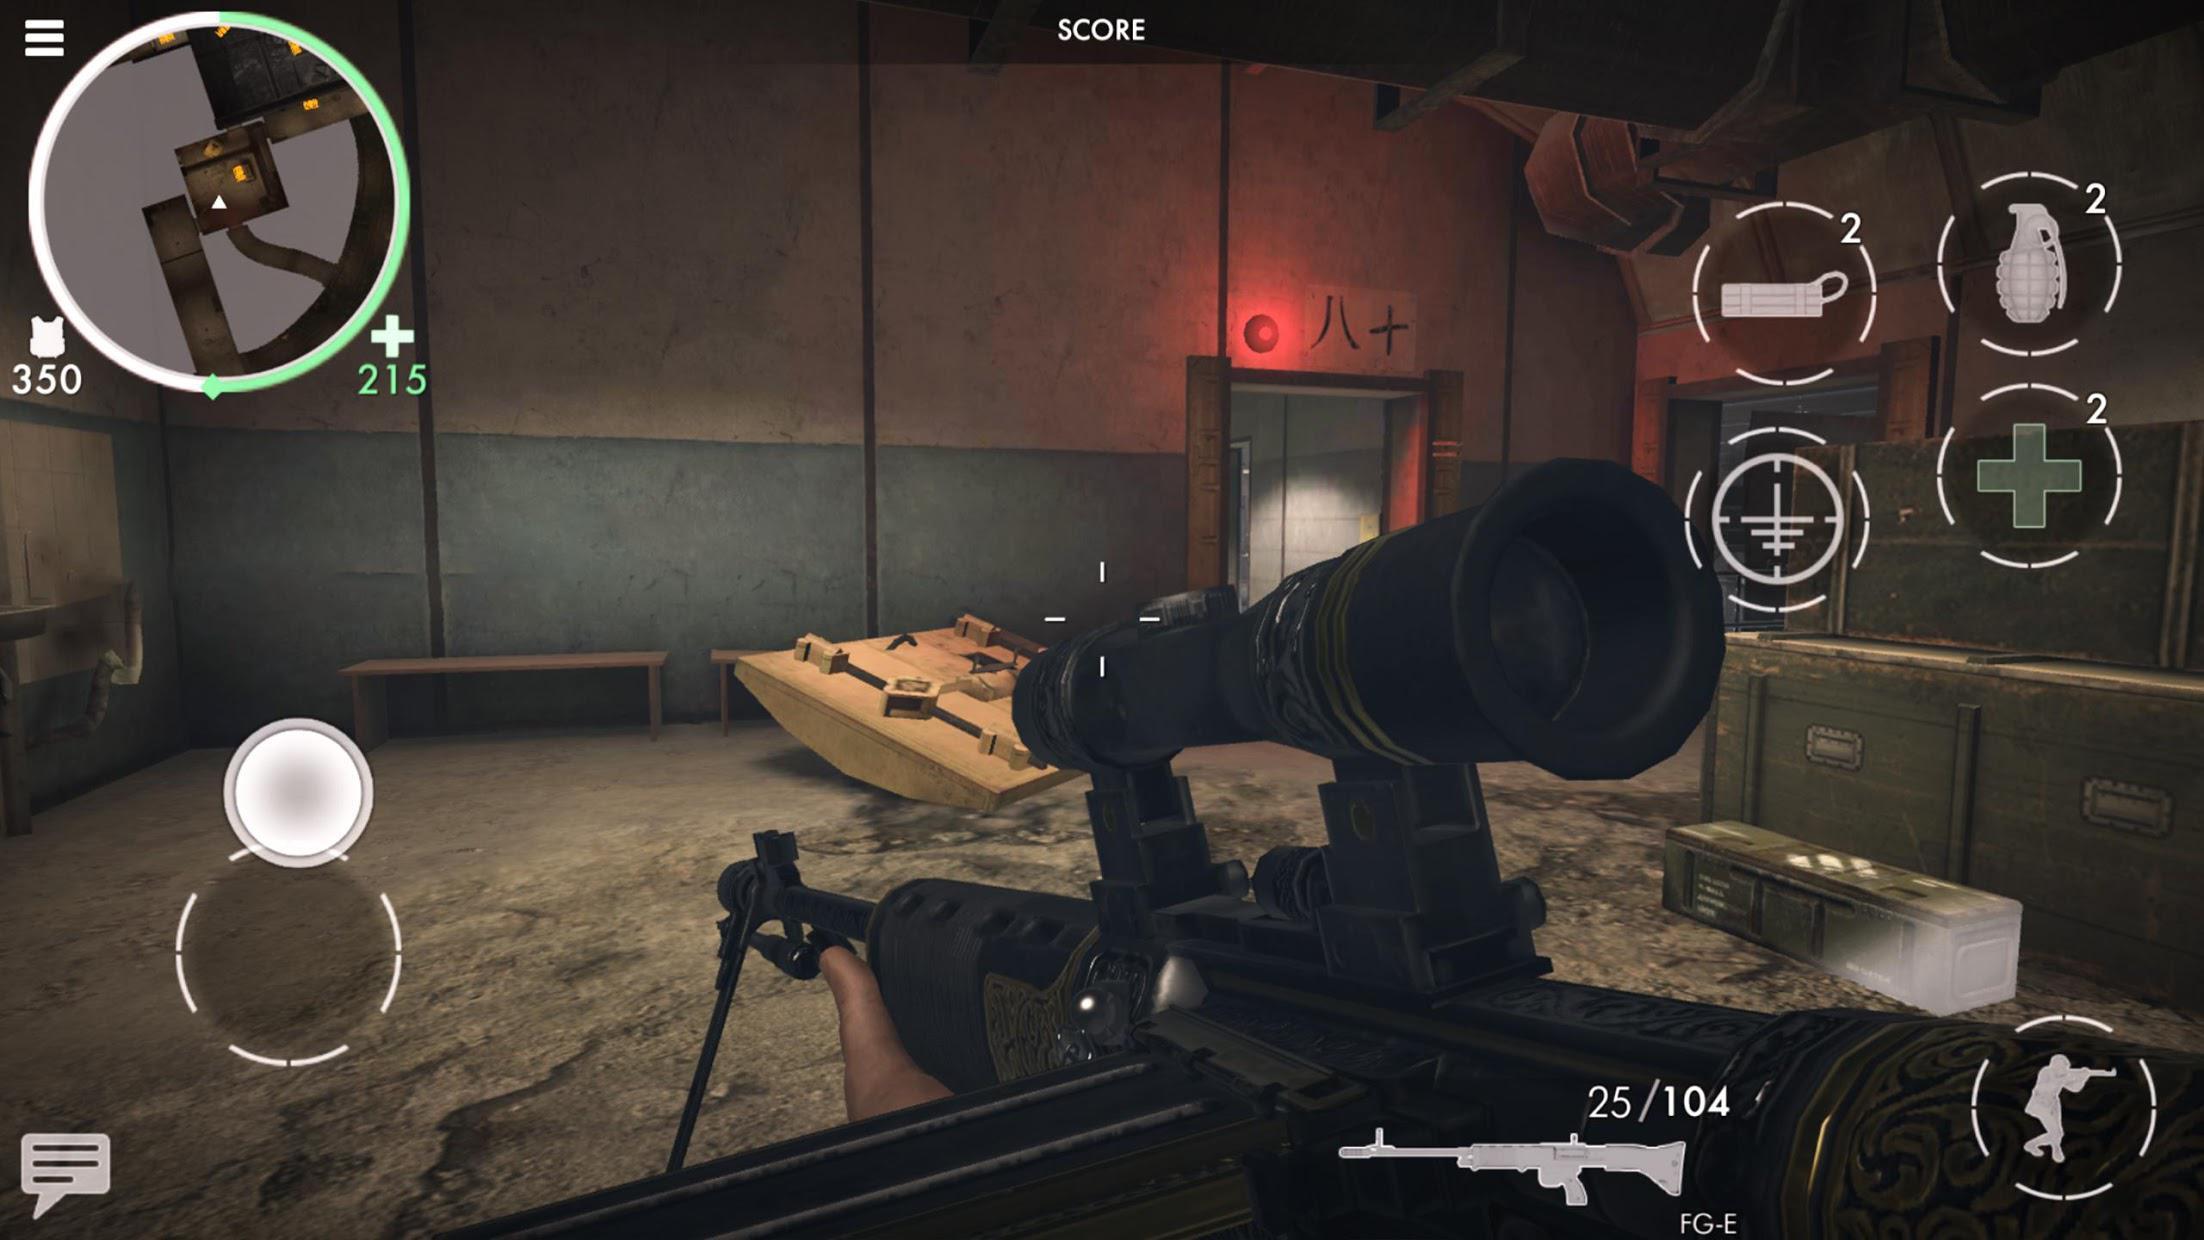 世界战争 :英雄 游戏截图5